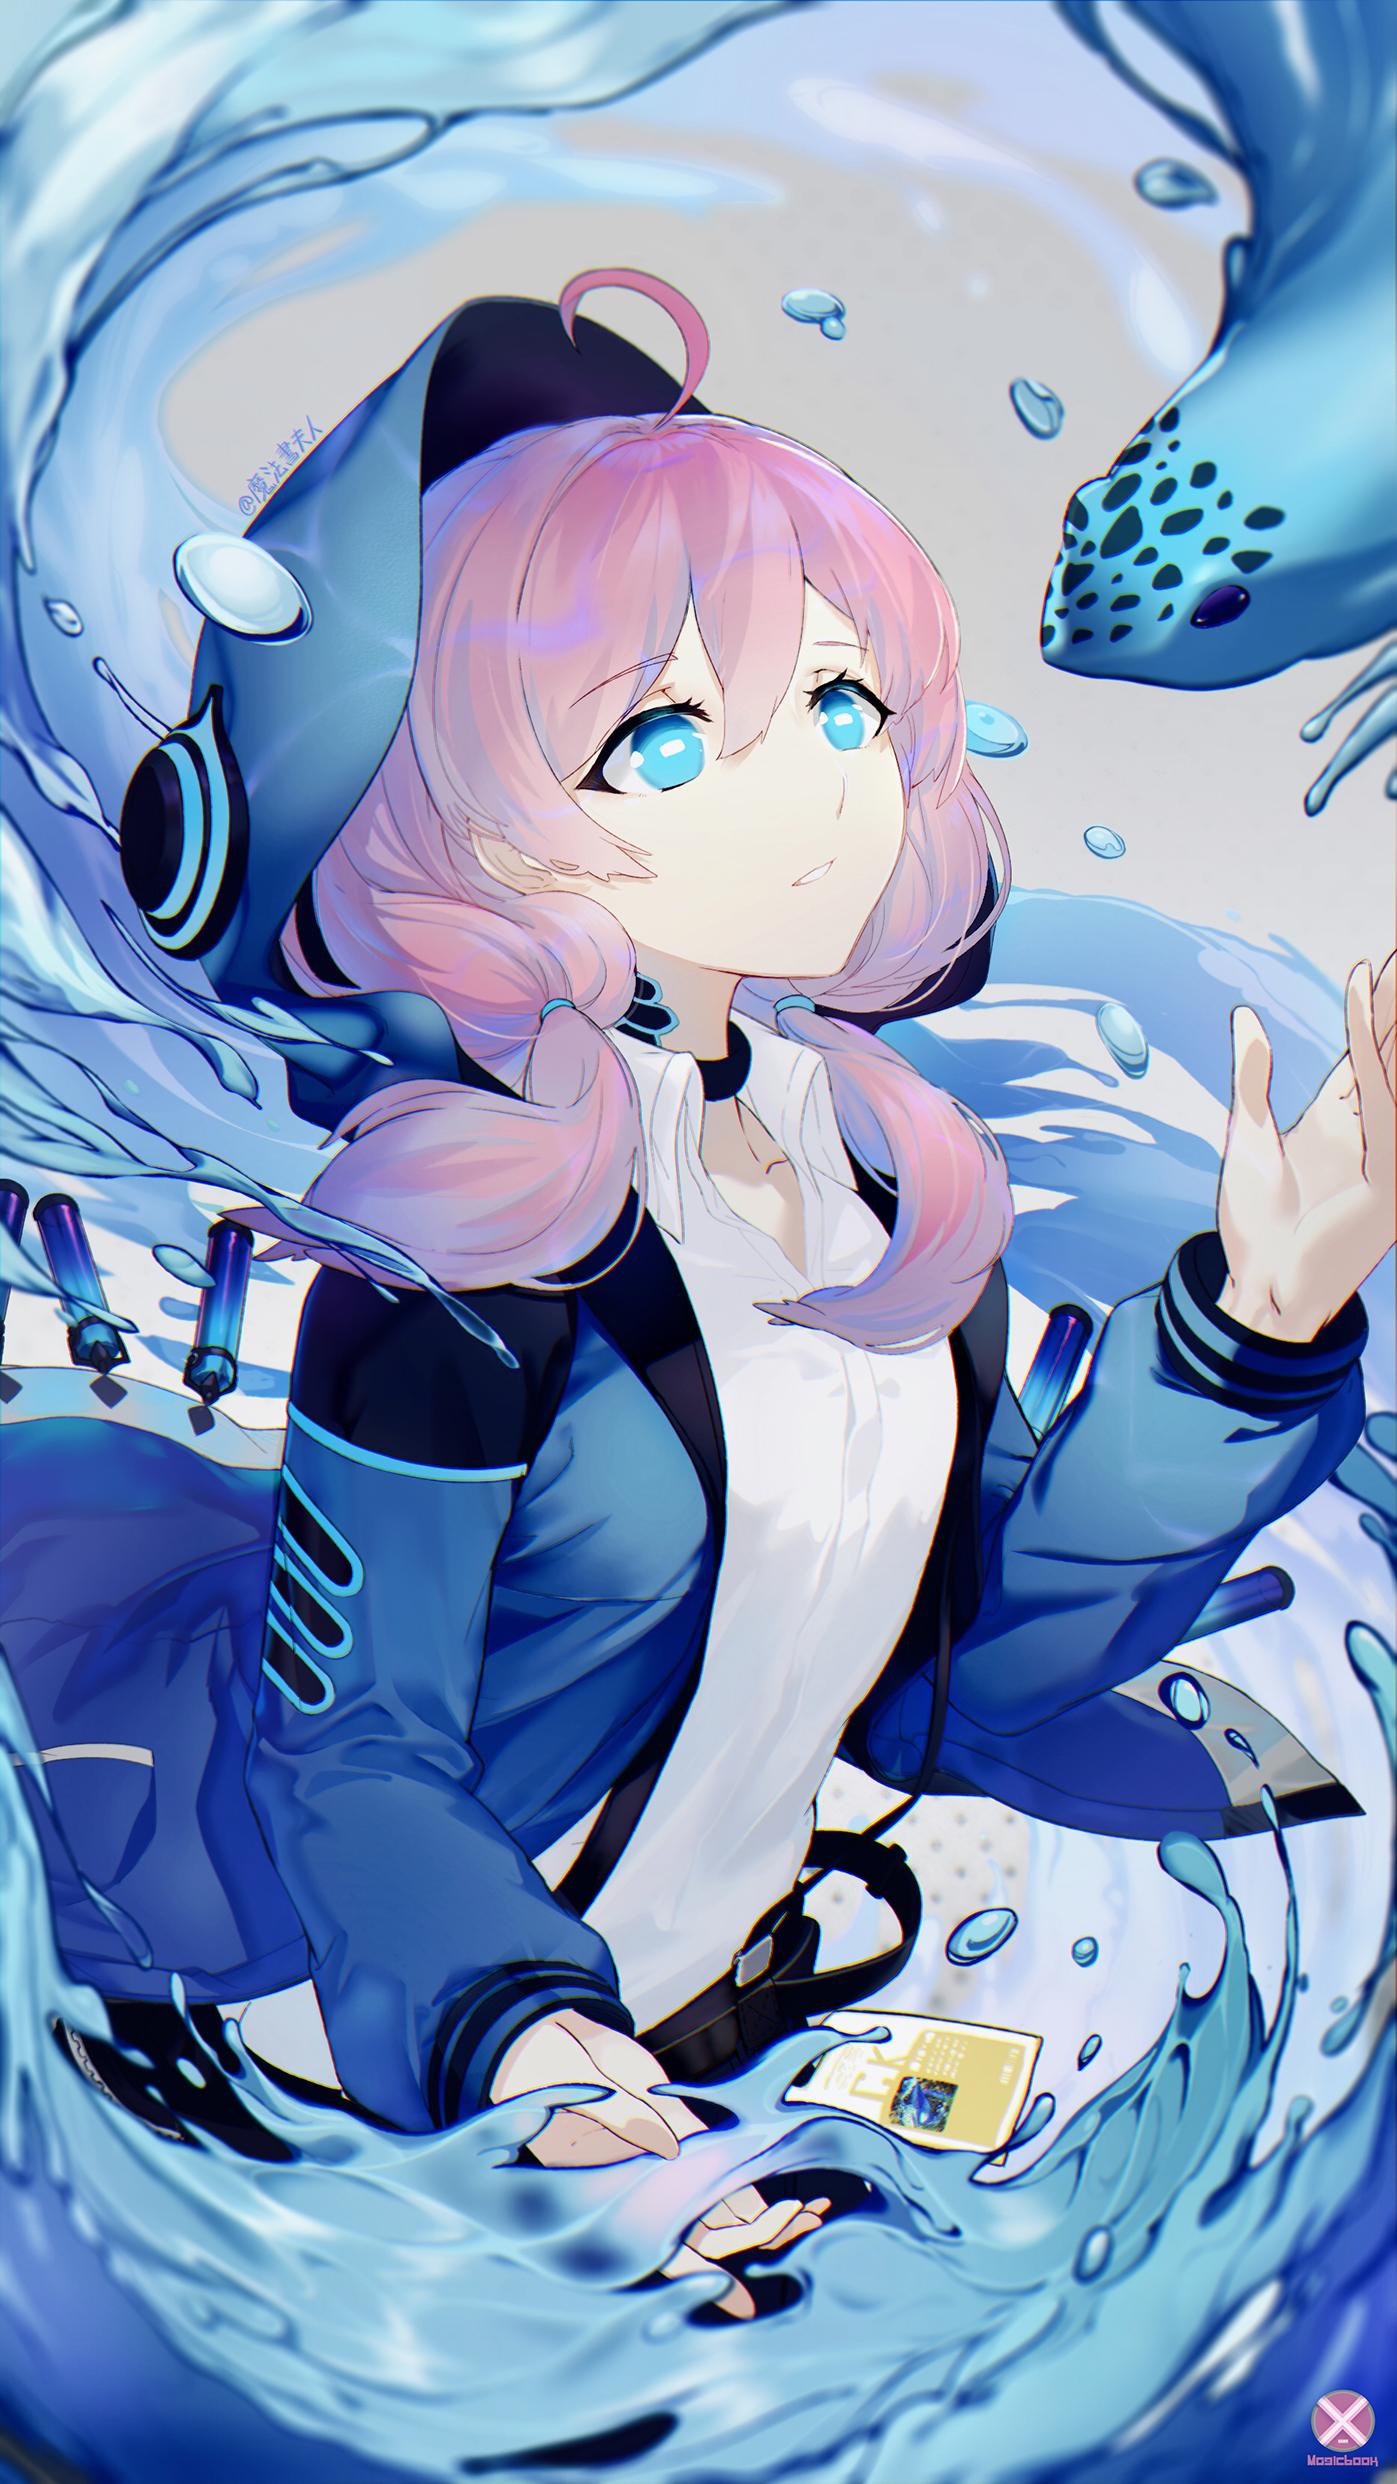 デスクトップ壁紙 アニメの女の子 ピンクの髪 青い目 1397x2484